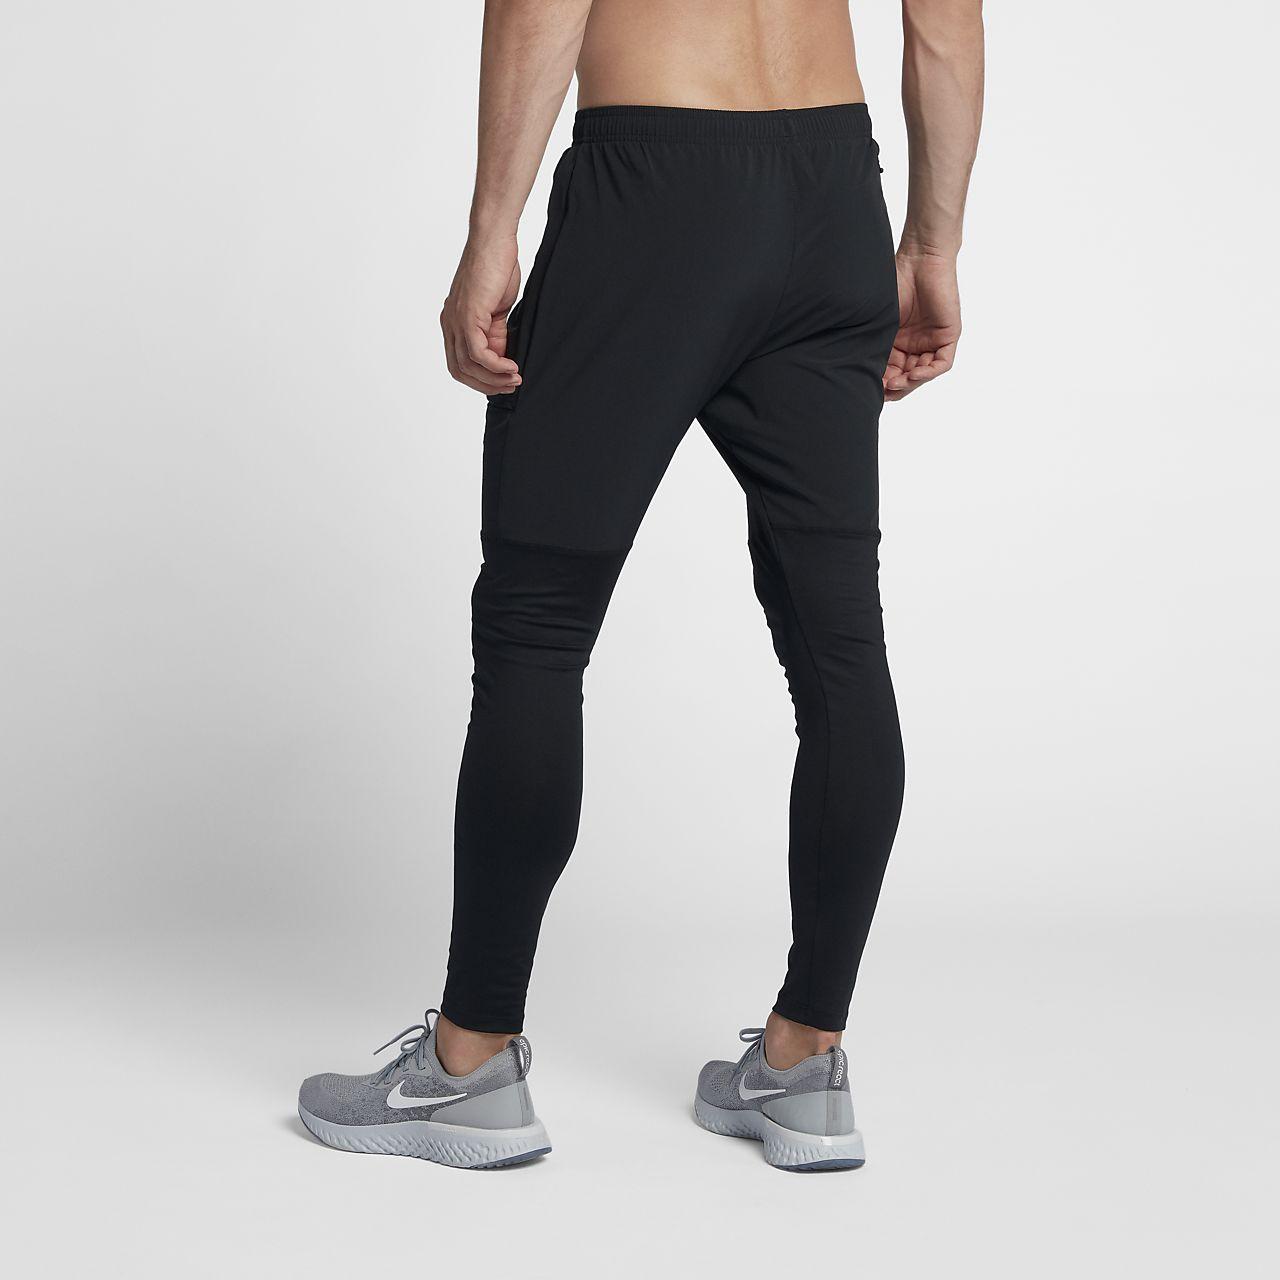 d3081cf2057ee Nike Essential Men's Running Pants. Nike.com